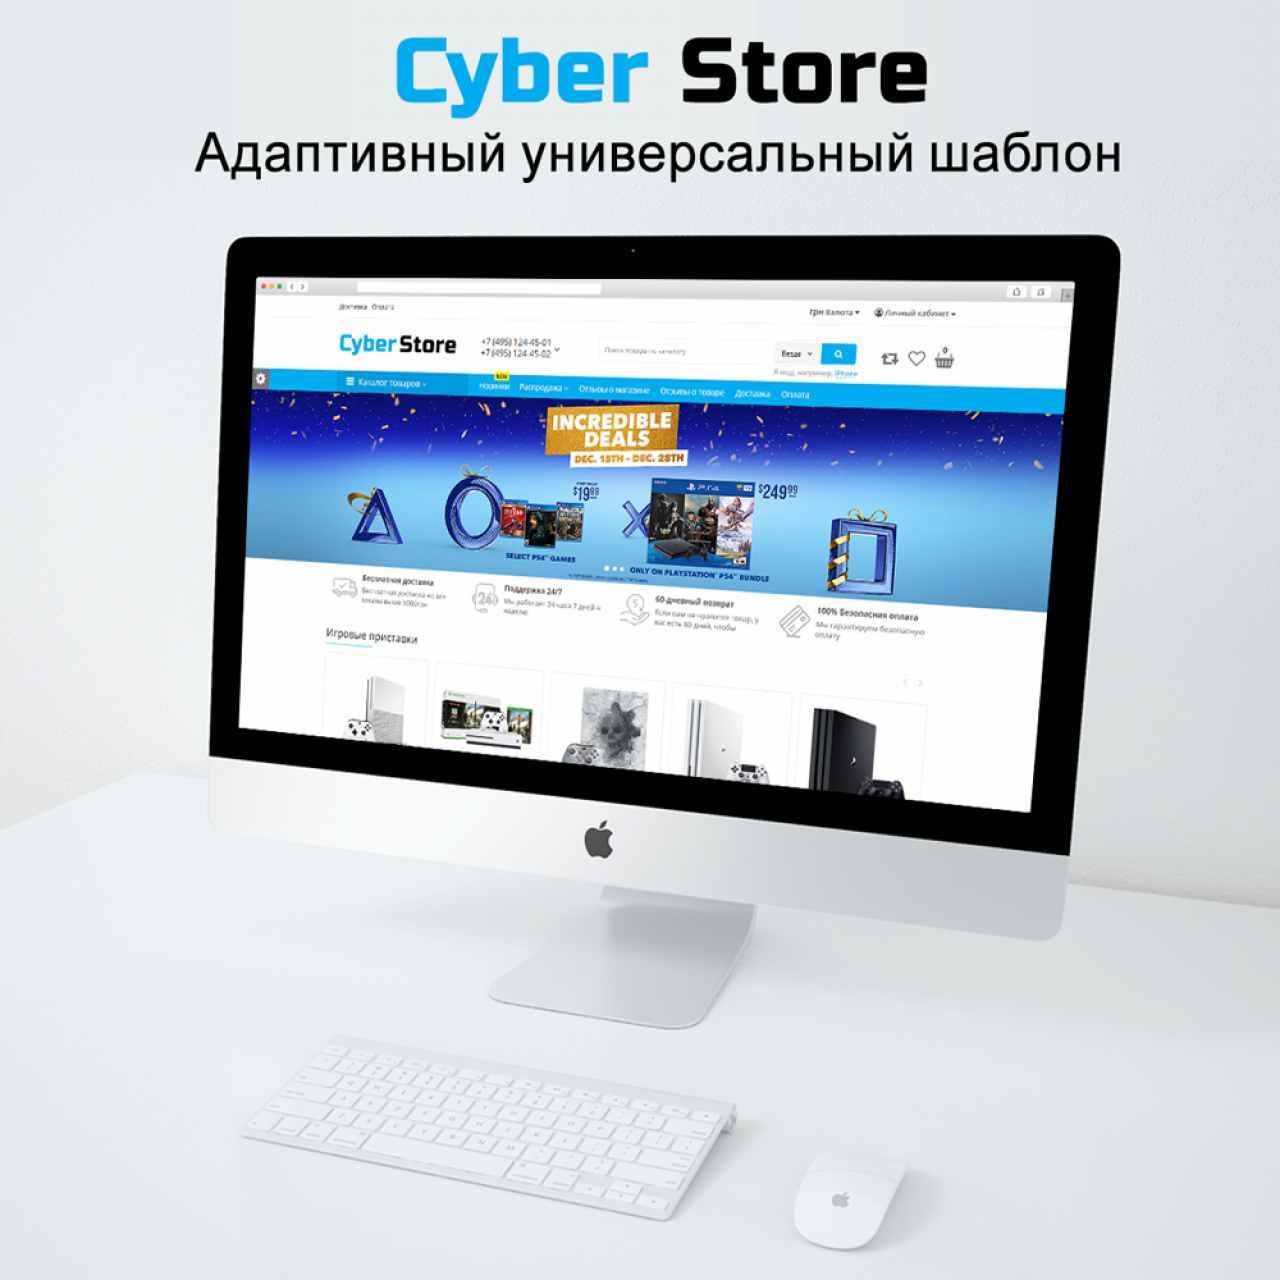 CyberStore - адаптивный универсальный шаблон 2.3.x | 3.x из категории Шаблоны для CMS OpenCart (ОпенКарт)